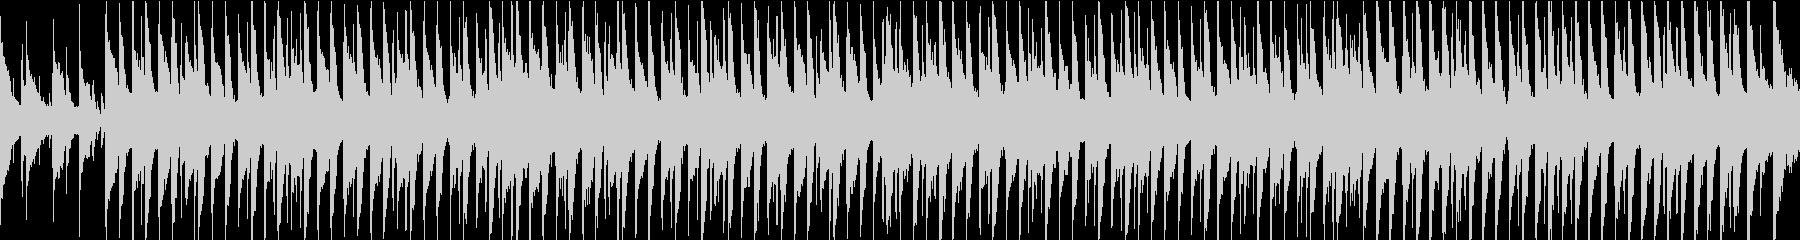 シンプル/明るい/楽しい/ポップ/ループの未再生の波形